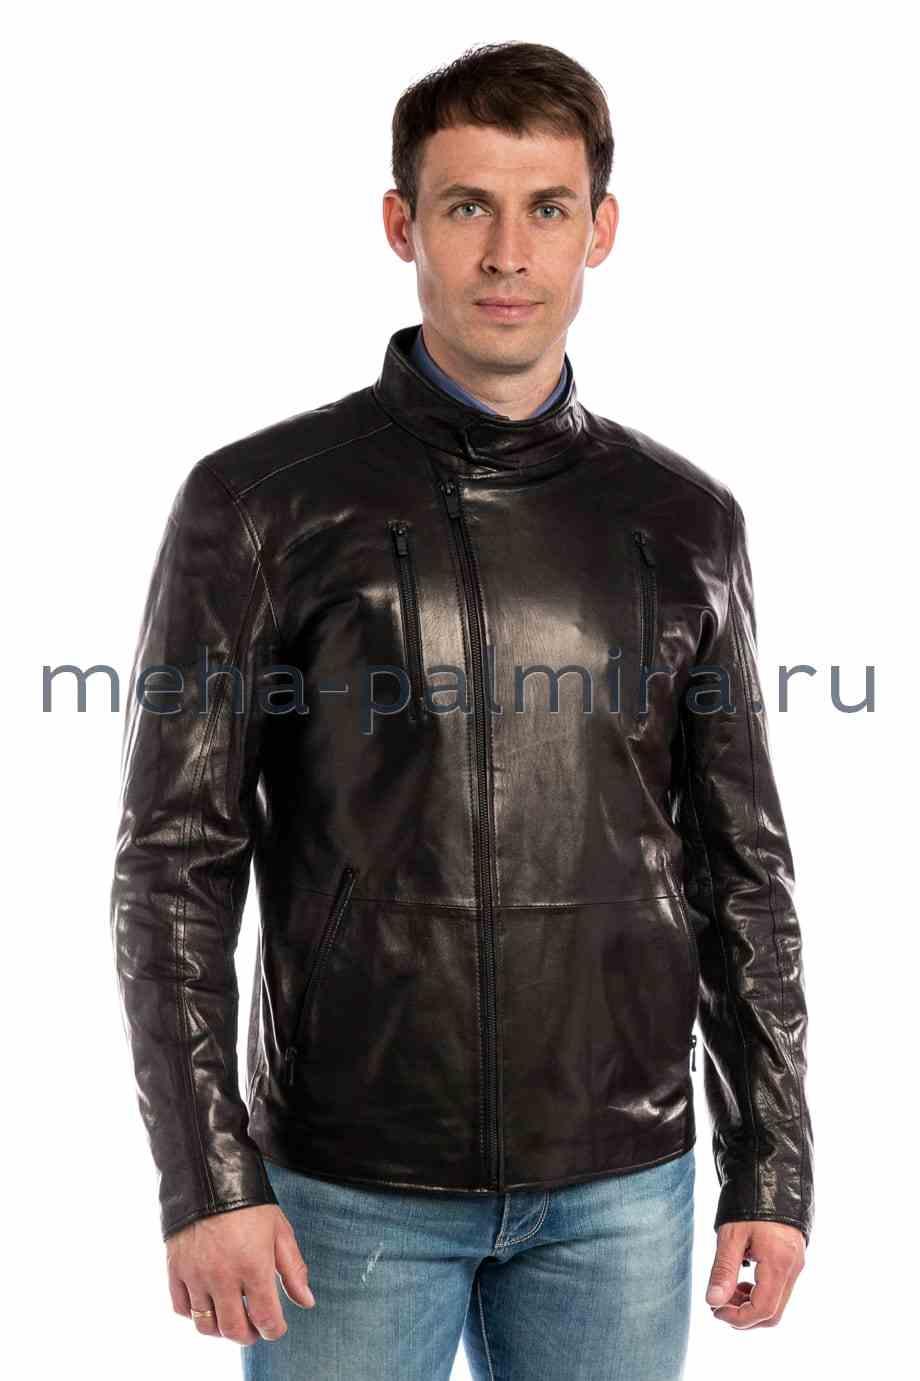 Мужская куртка - косуха из кожи воротник стойка